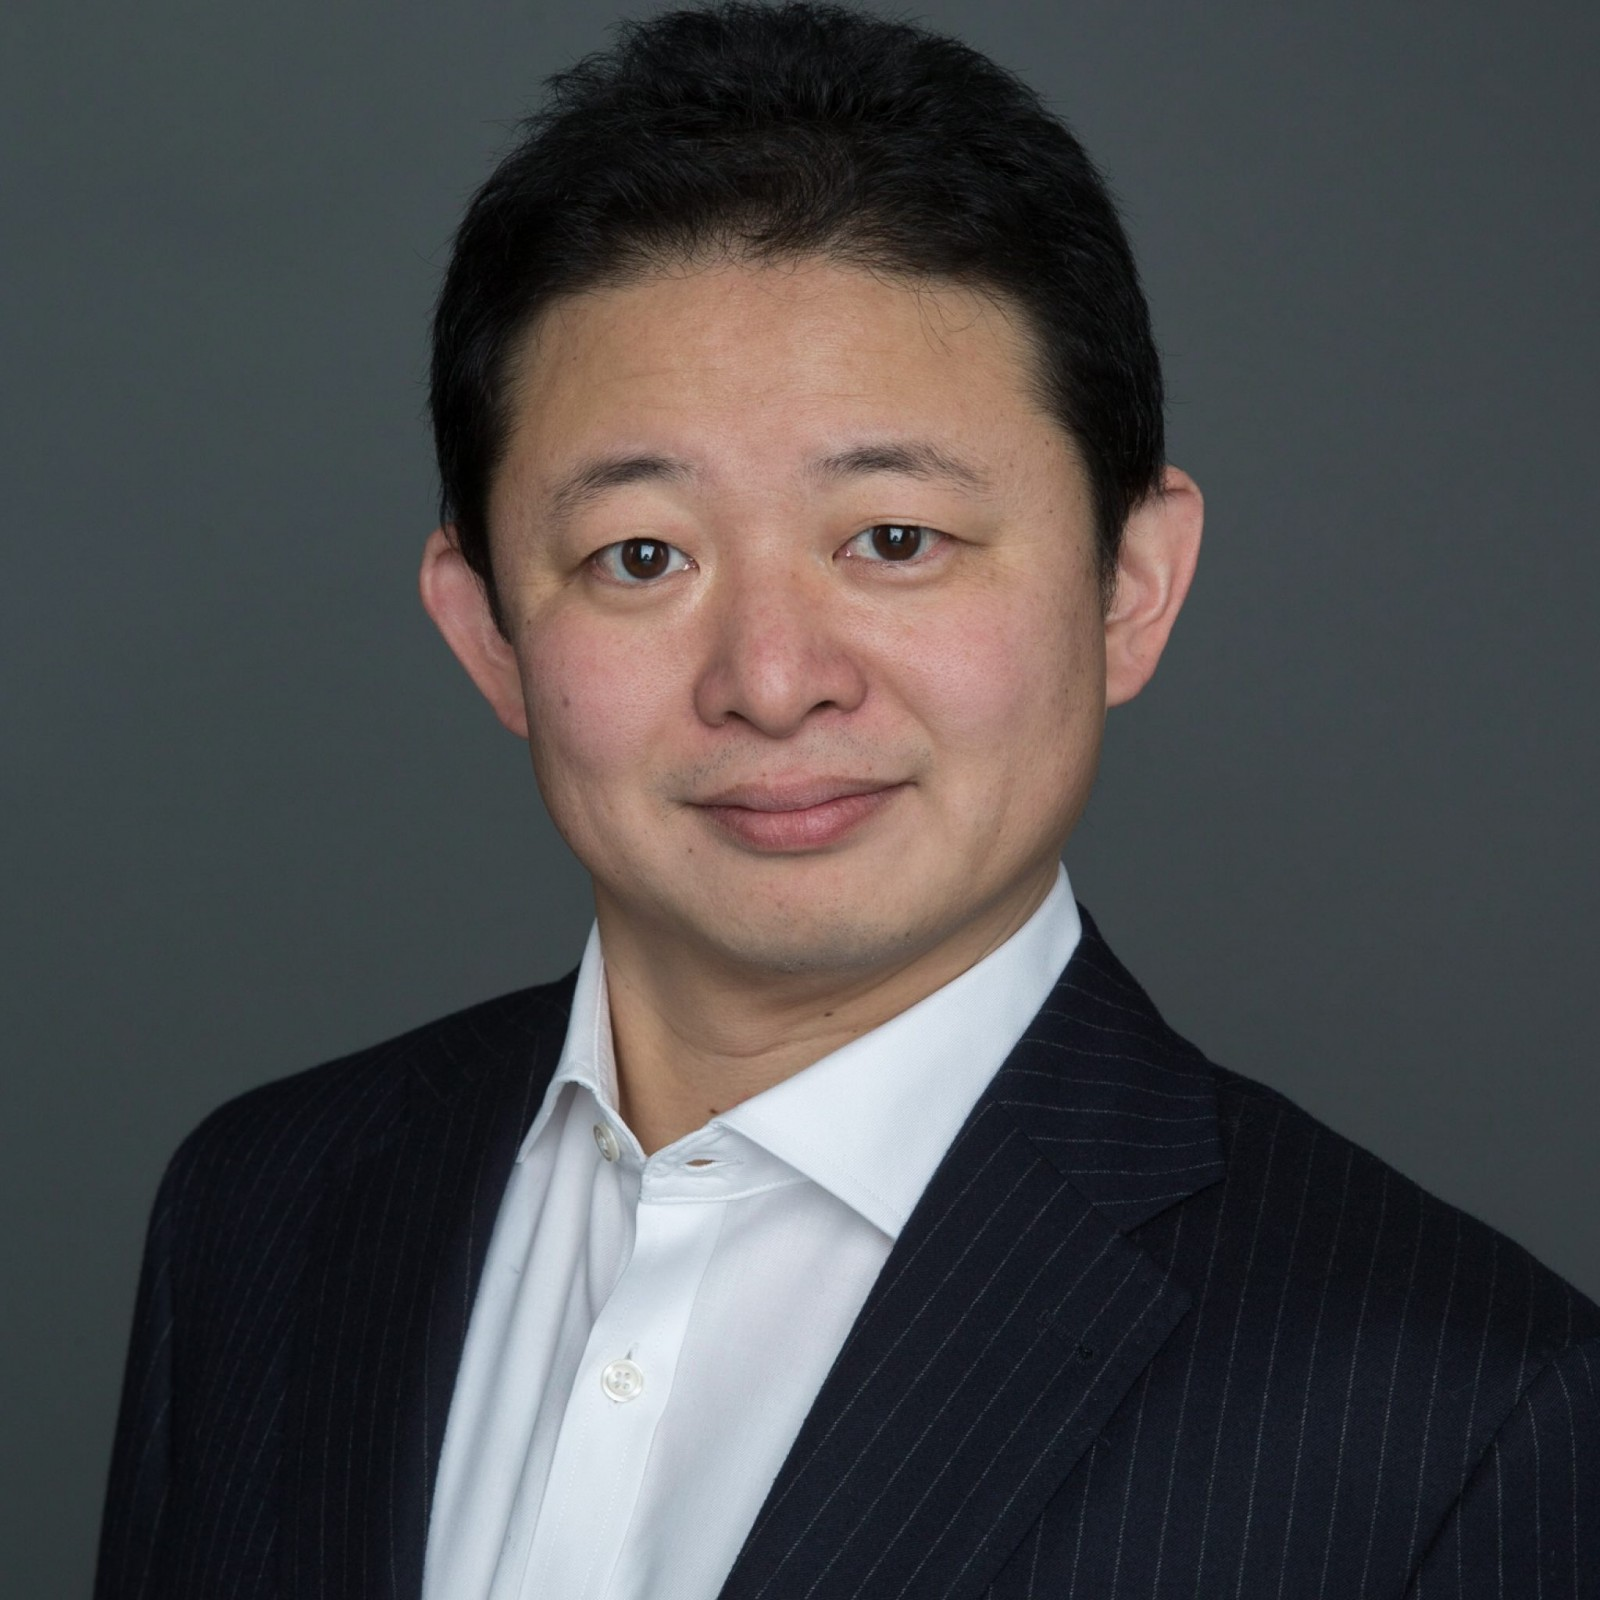 Tomo Yamazaki